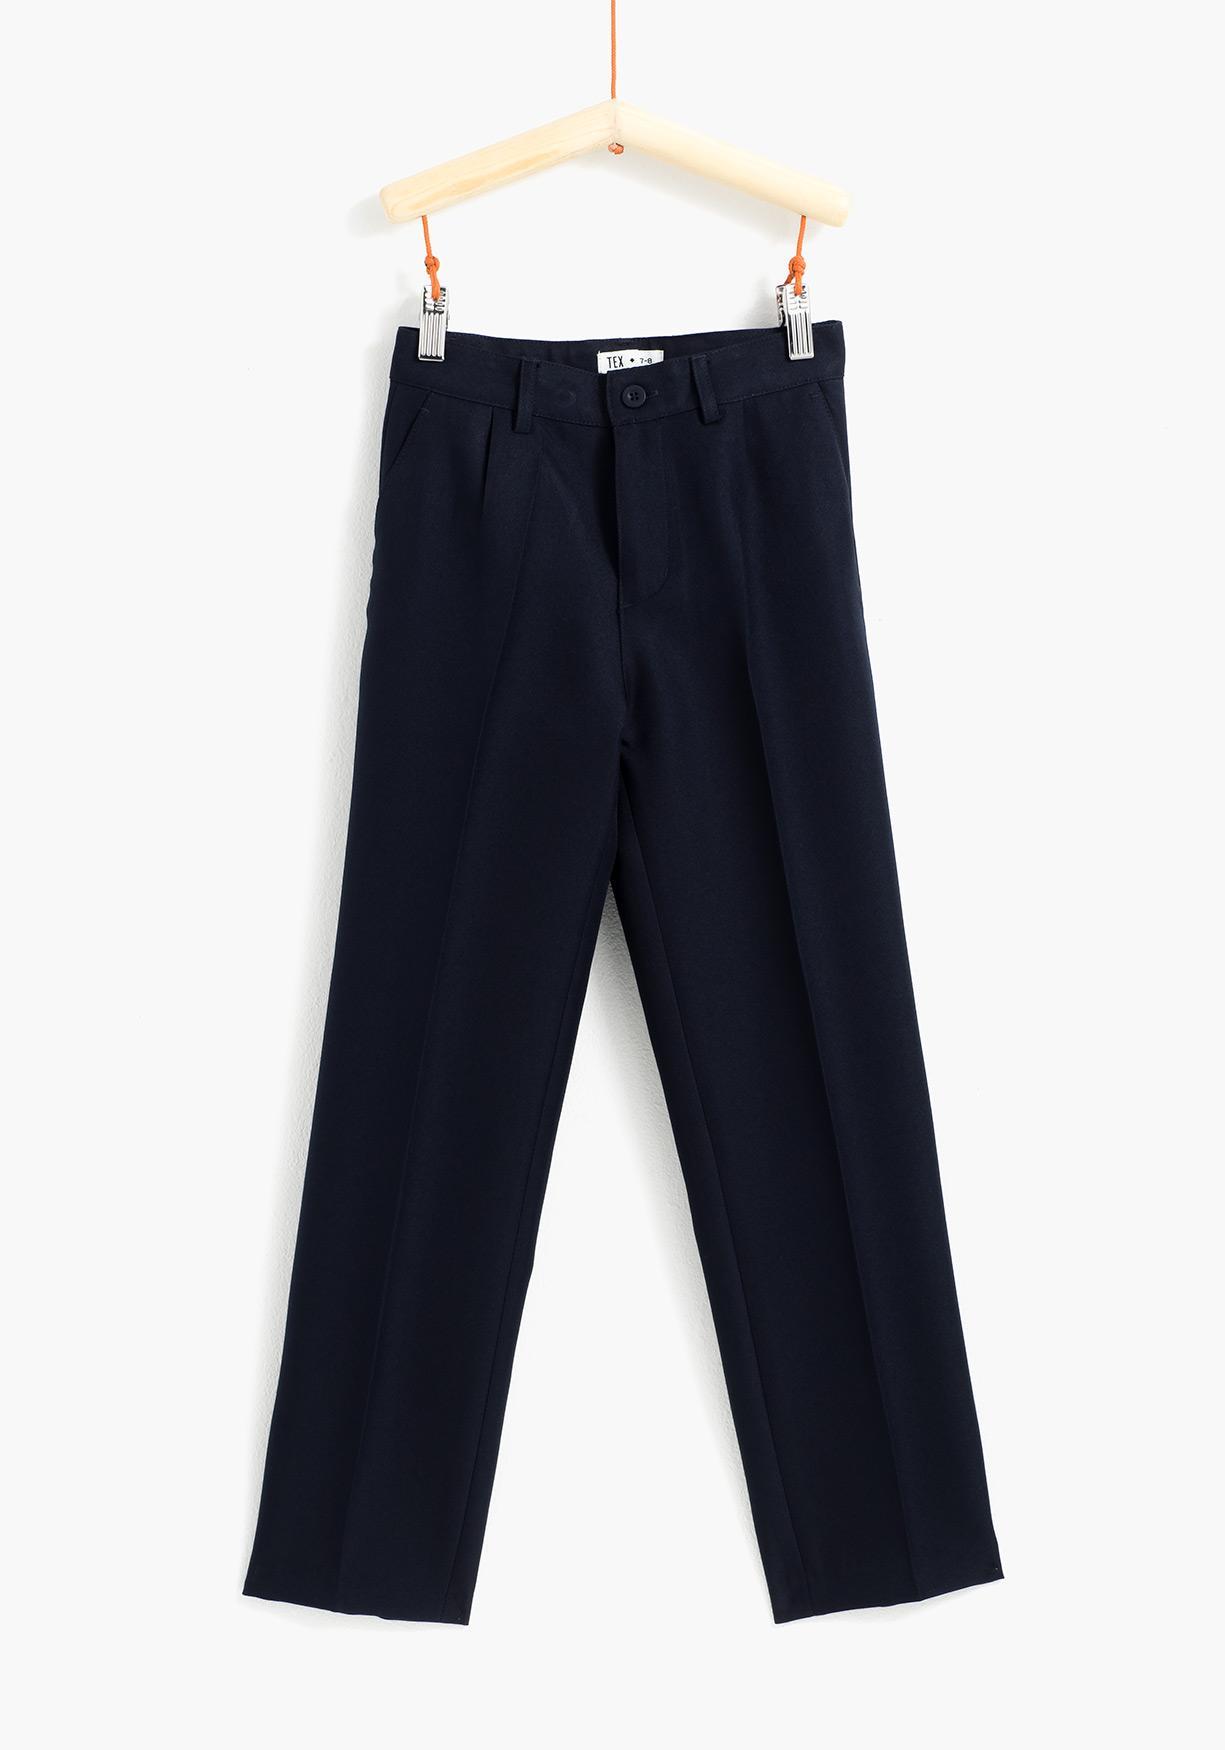 ¡aprovéchate Uniforme 3 20 Pantalón Tex A tallas Años Comprar De Sz7nF4Sf